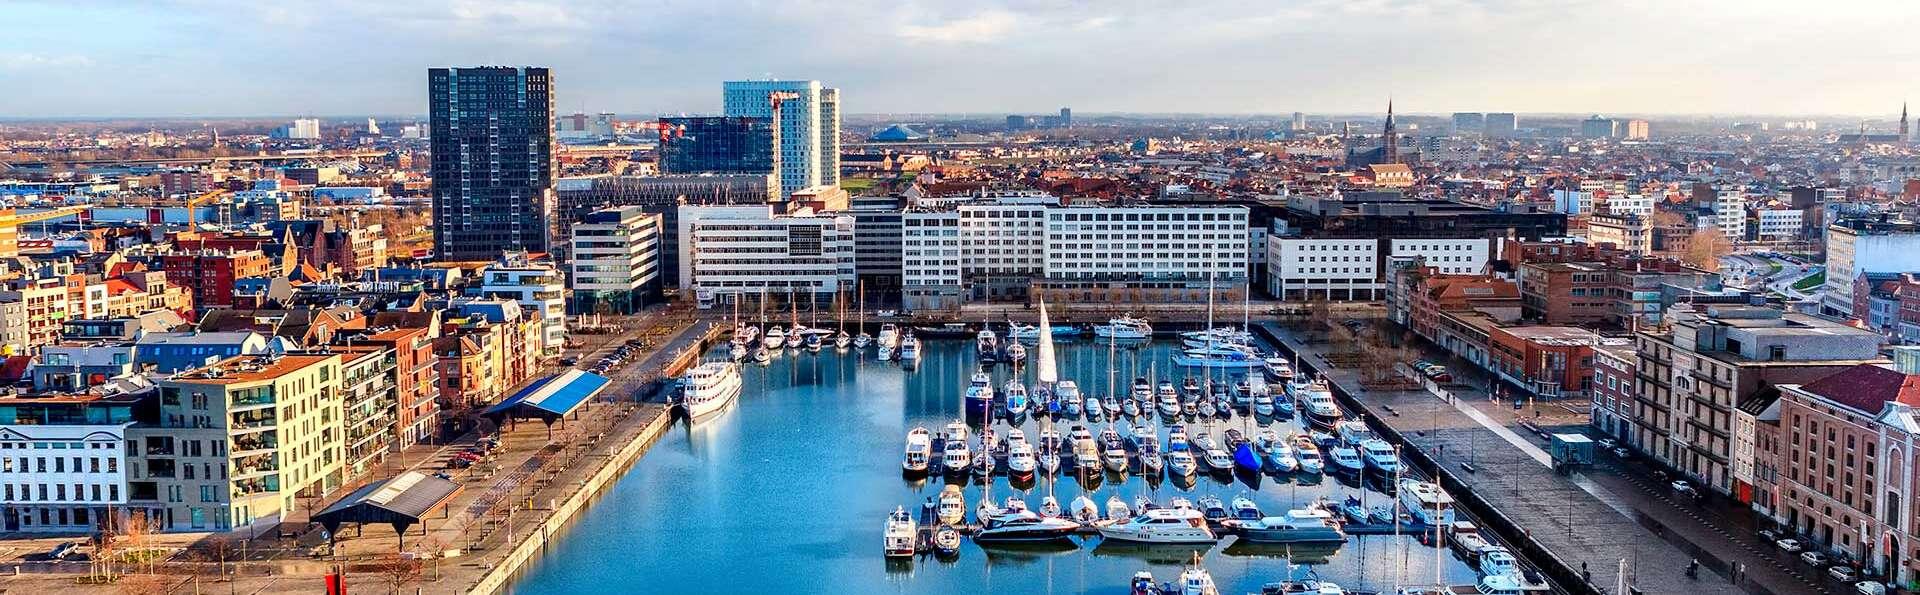 Hotel Indigo Antwerp City Centre - EDIT_DESTINATION_03.jpg